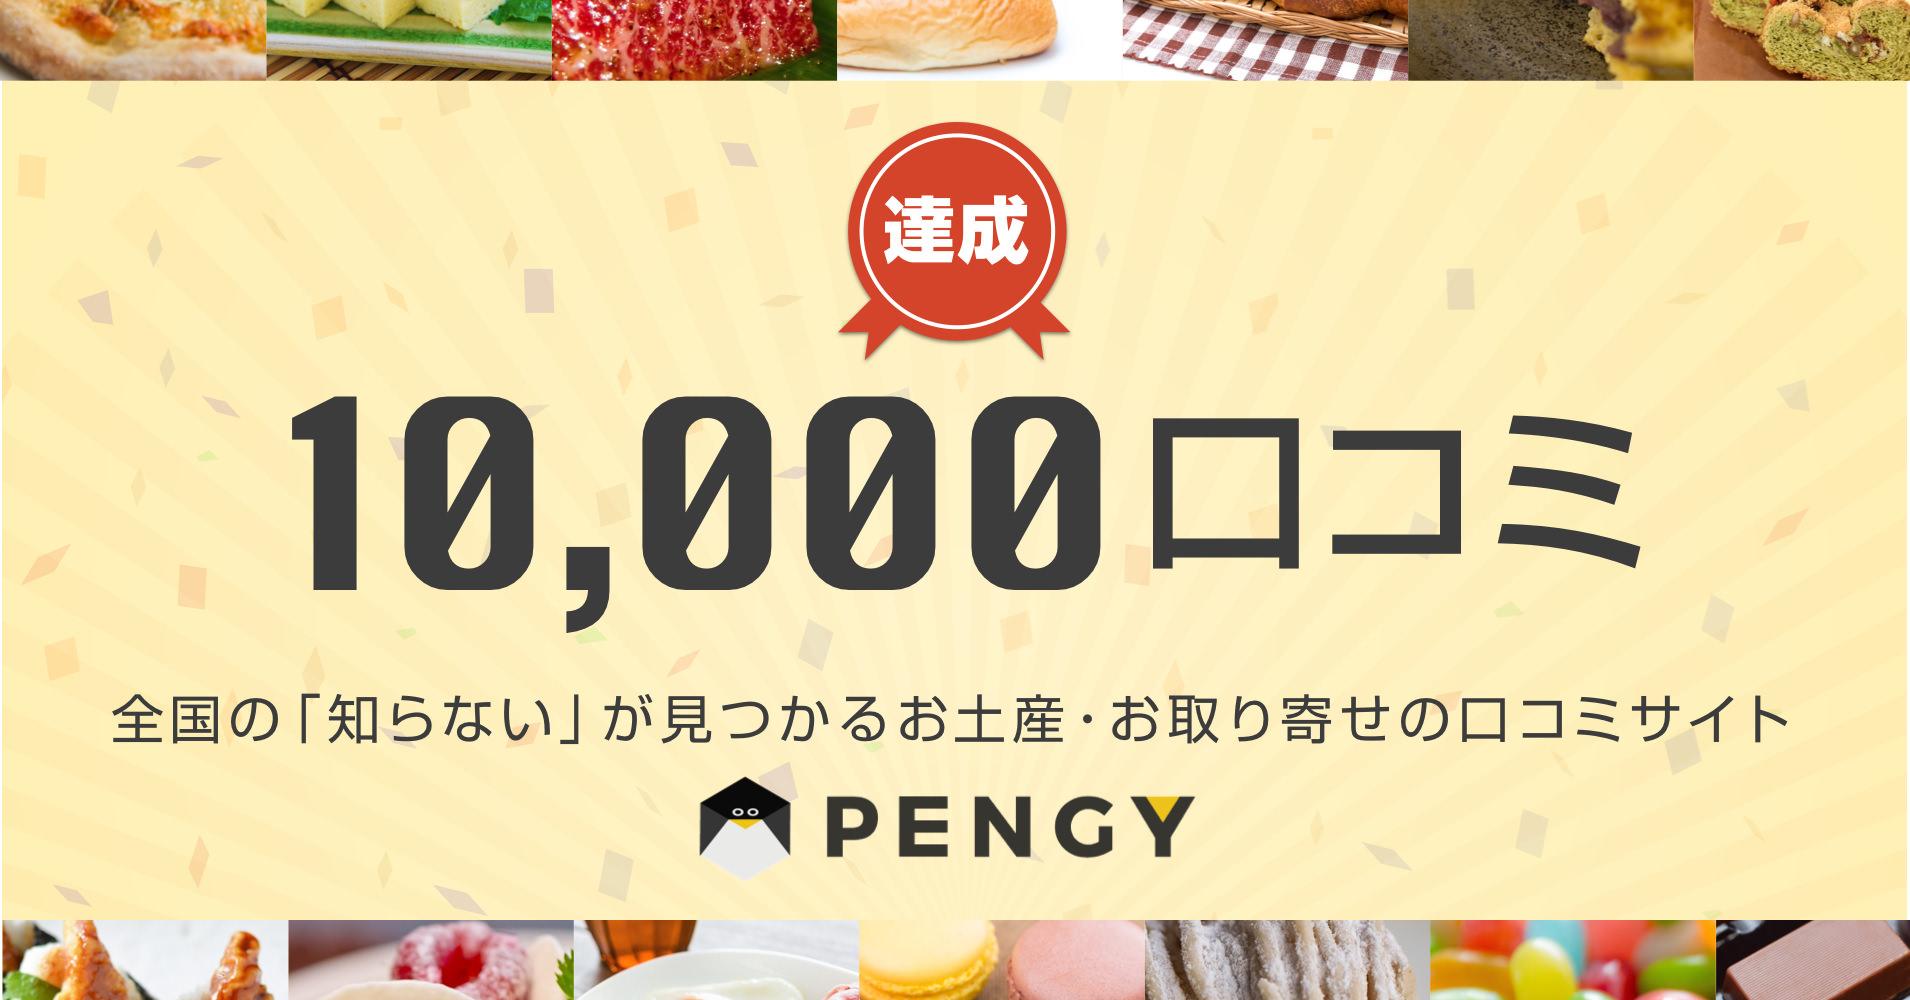 全国の「知らない」が見つかる お土産・お取り寄せの口コミサイト「PENGY」、口コ ミが10,000件を突破